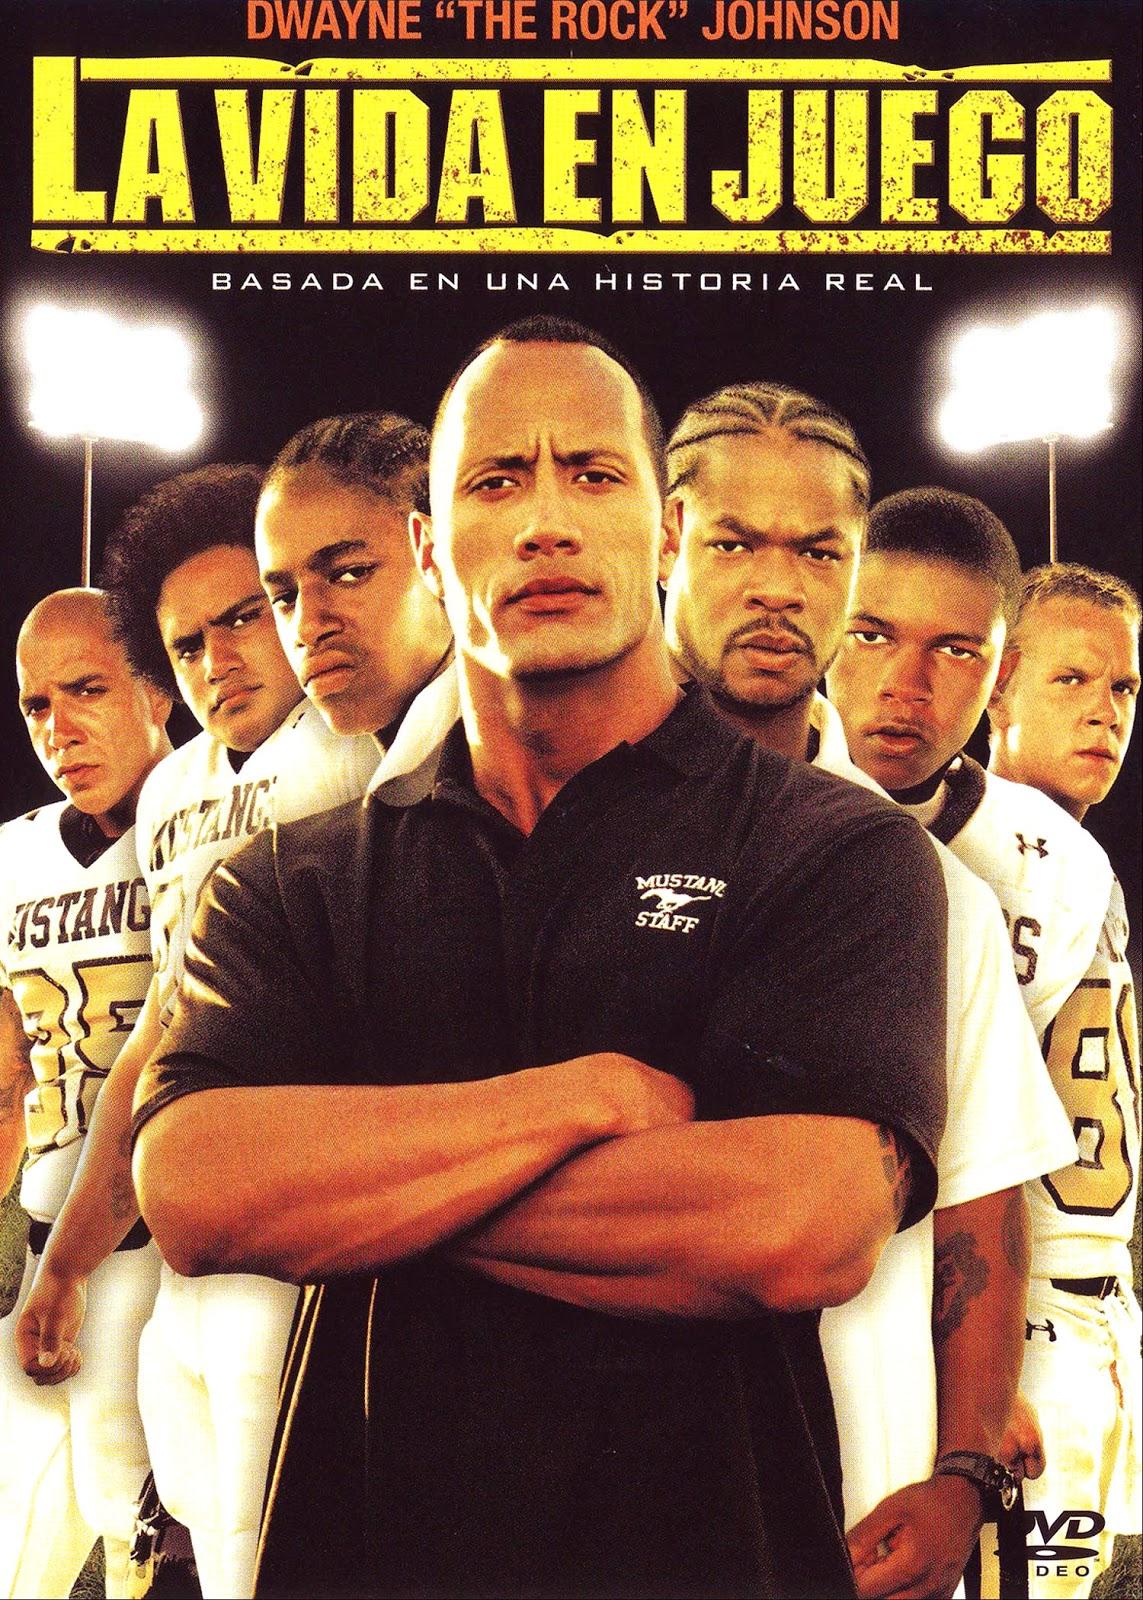 La vida en juego (2006)